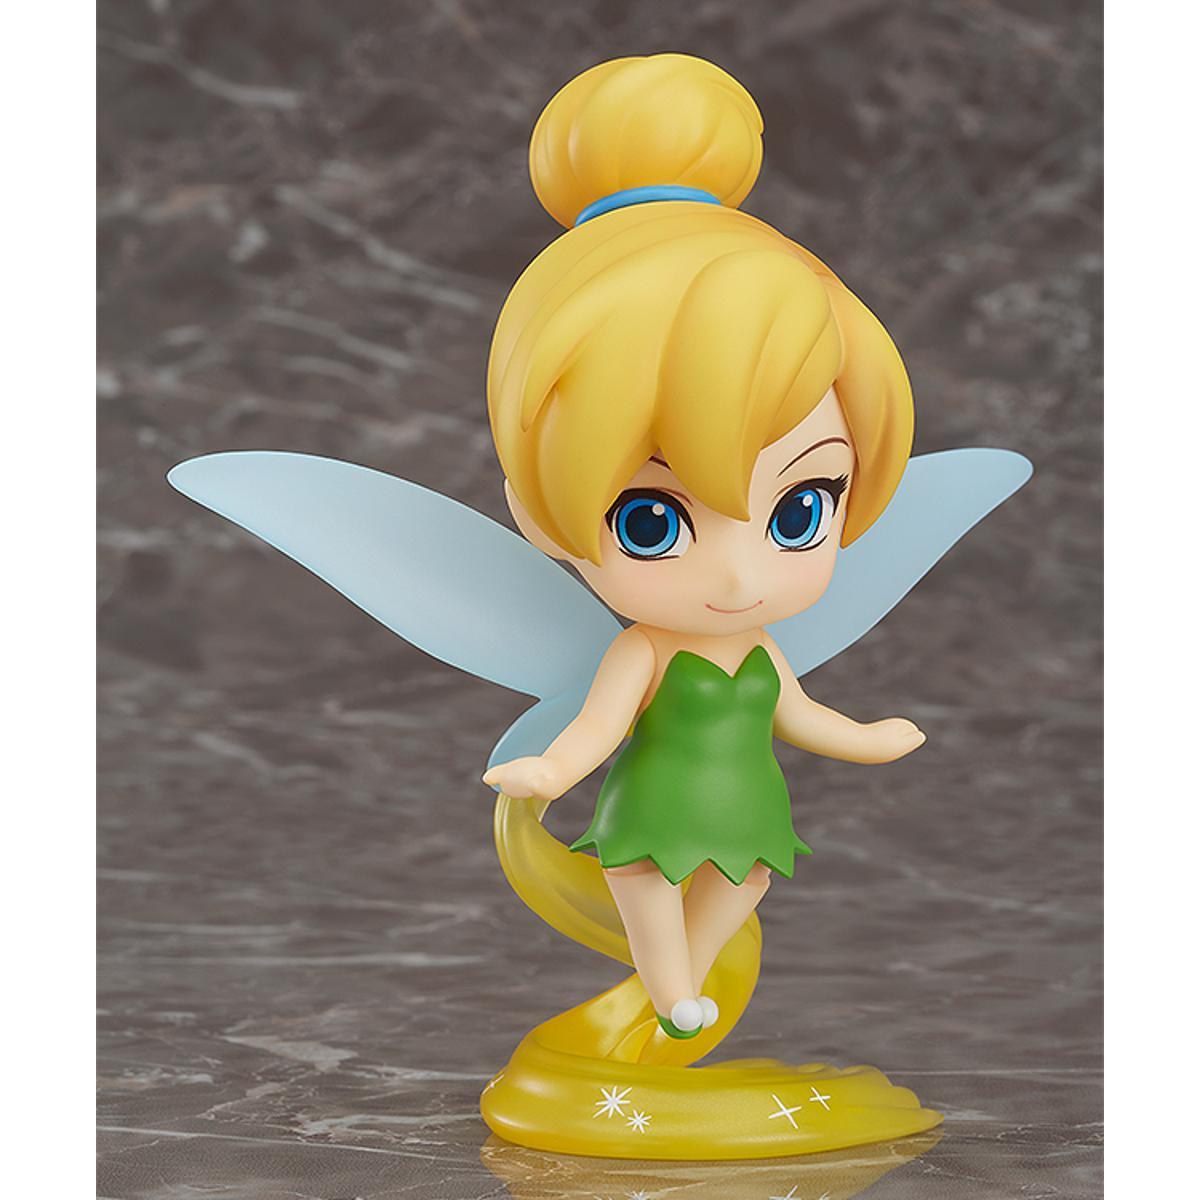 Nendoroid Tinker Bell (Rerelease)